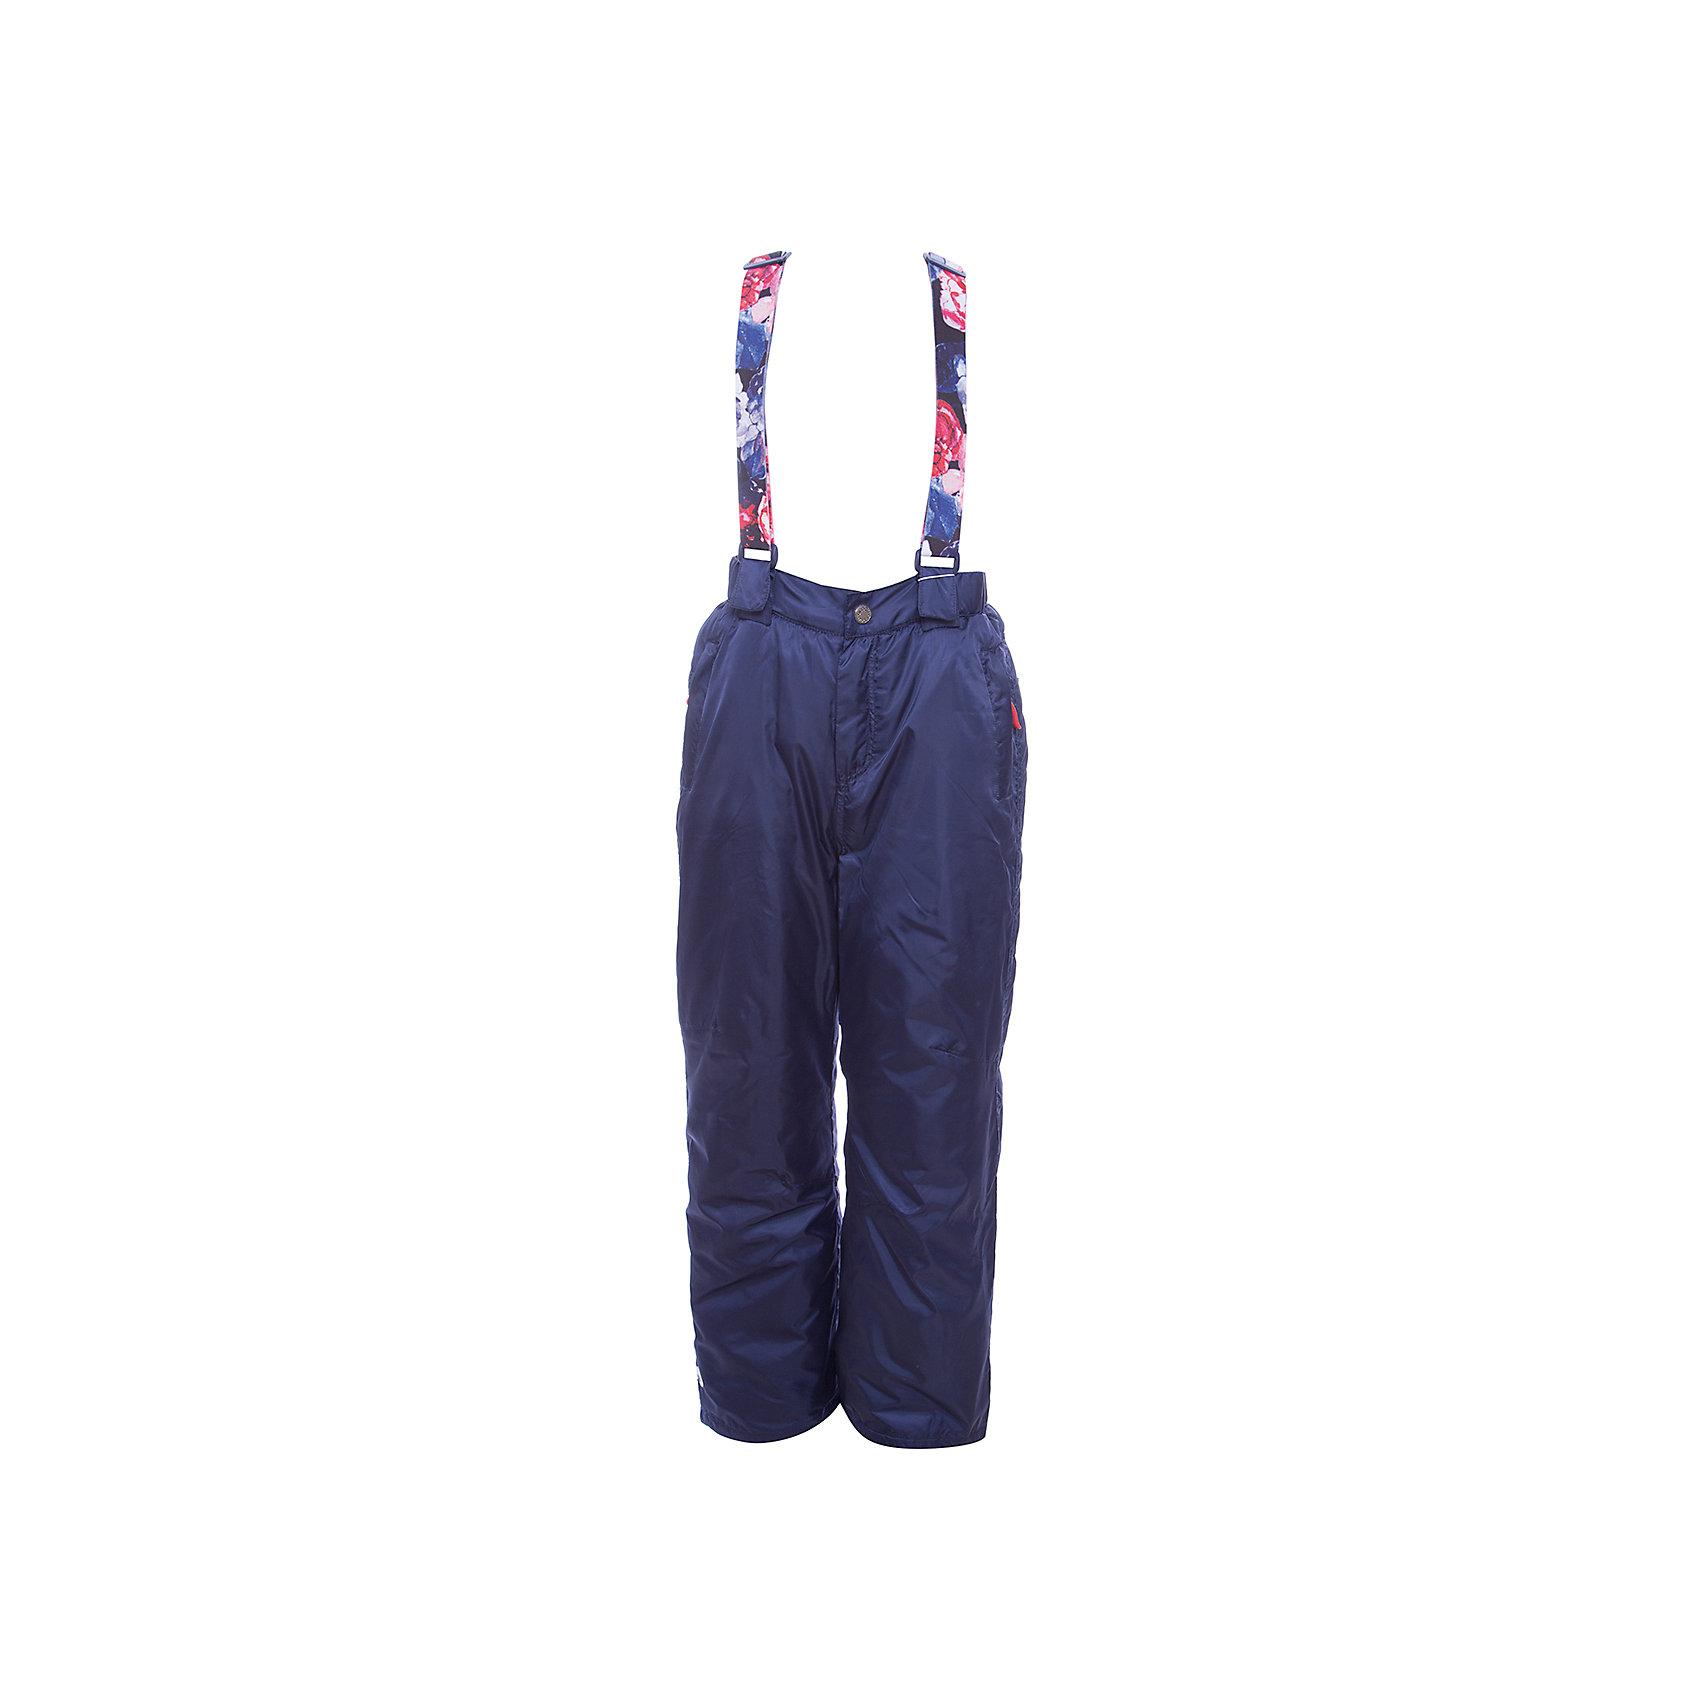 Брюки Scool для девочкиВерхняя одежда<br>Брюки Scool для девочки<br>Теплые брюки из водонепроницаемой ткани. Регулируемые бретели на липучках, при необходимости их можно отстегнуть. Подкладка из флиса. Пояс брюк на широкой резинке. Модель застегивается на молнию и кнопку. Низ штанин дополнен специальными манжетами на резинках и регулируемыми шнурами - кулисками. Светоотражатели обеспечат видимость ребенка в темное время суток. Брюки с двумя встрочными карманами на молниях и двумя задними накладными карманами.<br>Состав:<br>Верх: 100% полиэстер, Подкладка: 100% полиэстер, Наполнитель: 100% полиэстер, 50 г/м2<br><br>Ширина мм: 215<br>Глубина мм: 88<br>Высота мм: 191<br>Вес г: 336<br>Цвет: синий<br>Возраст от месяцев: 156<br>Возраст до месяцев: 168<br>Пол: Женский<br>Возраст: Детский<br>Размер: 164,134,140,146,152,158<br>SKU: 7105499